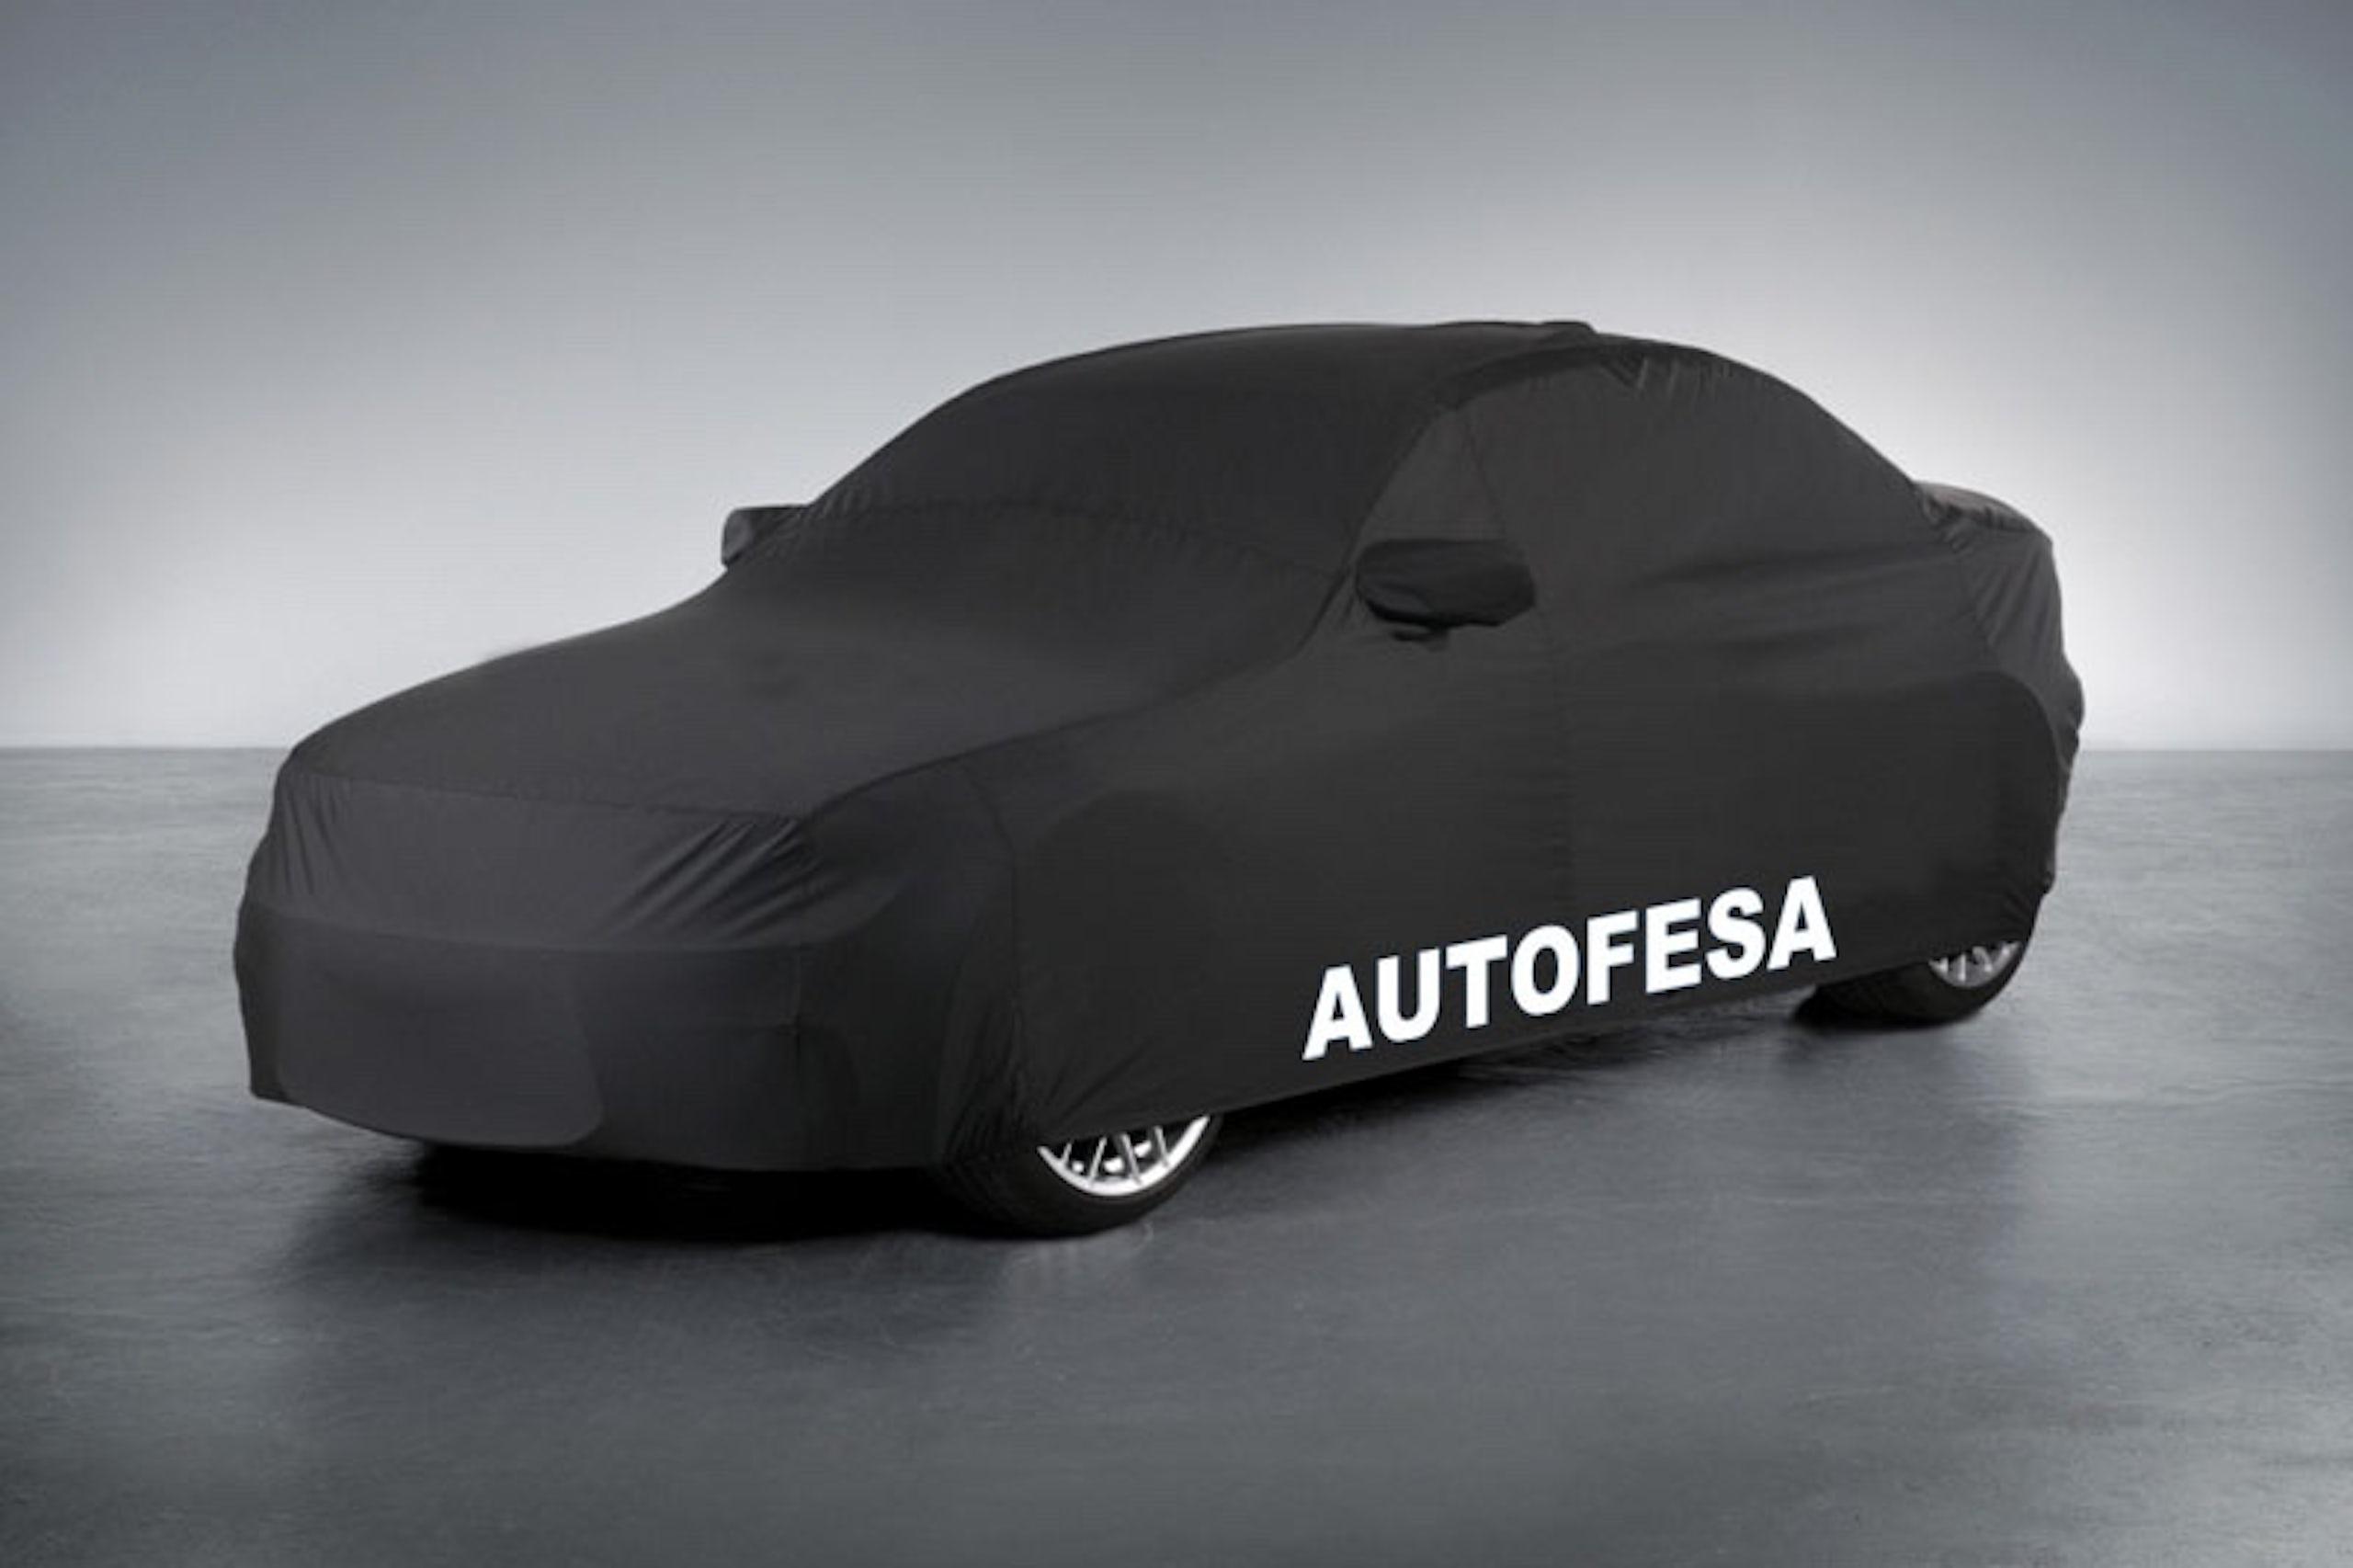 Audi A4 Allroad 2.0 TDI 177cv quattro 5p S tronic S/S